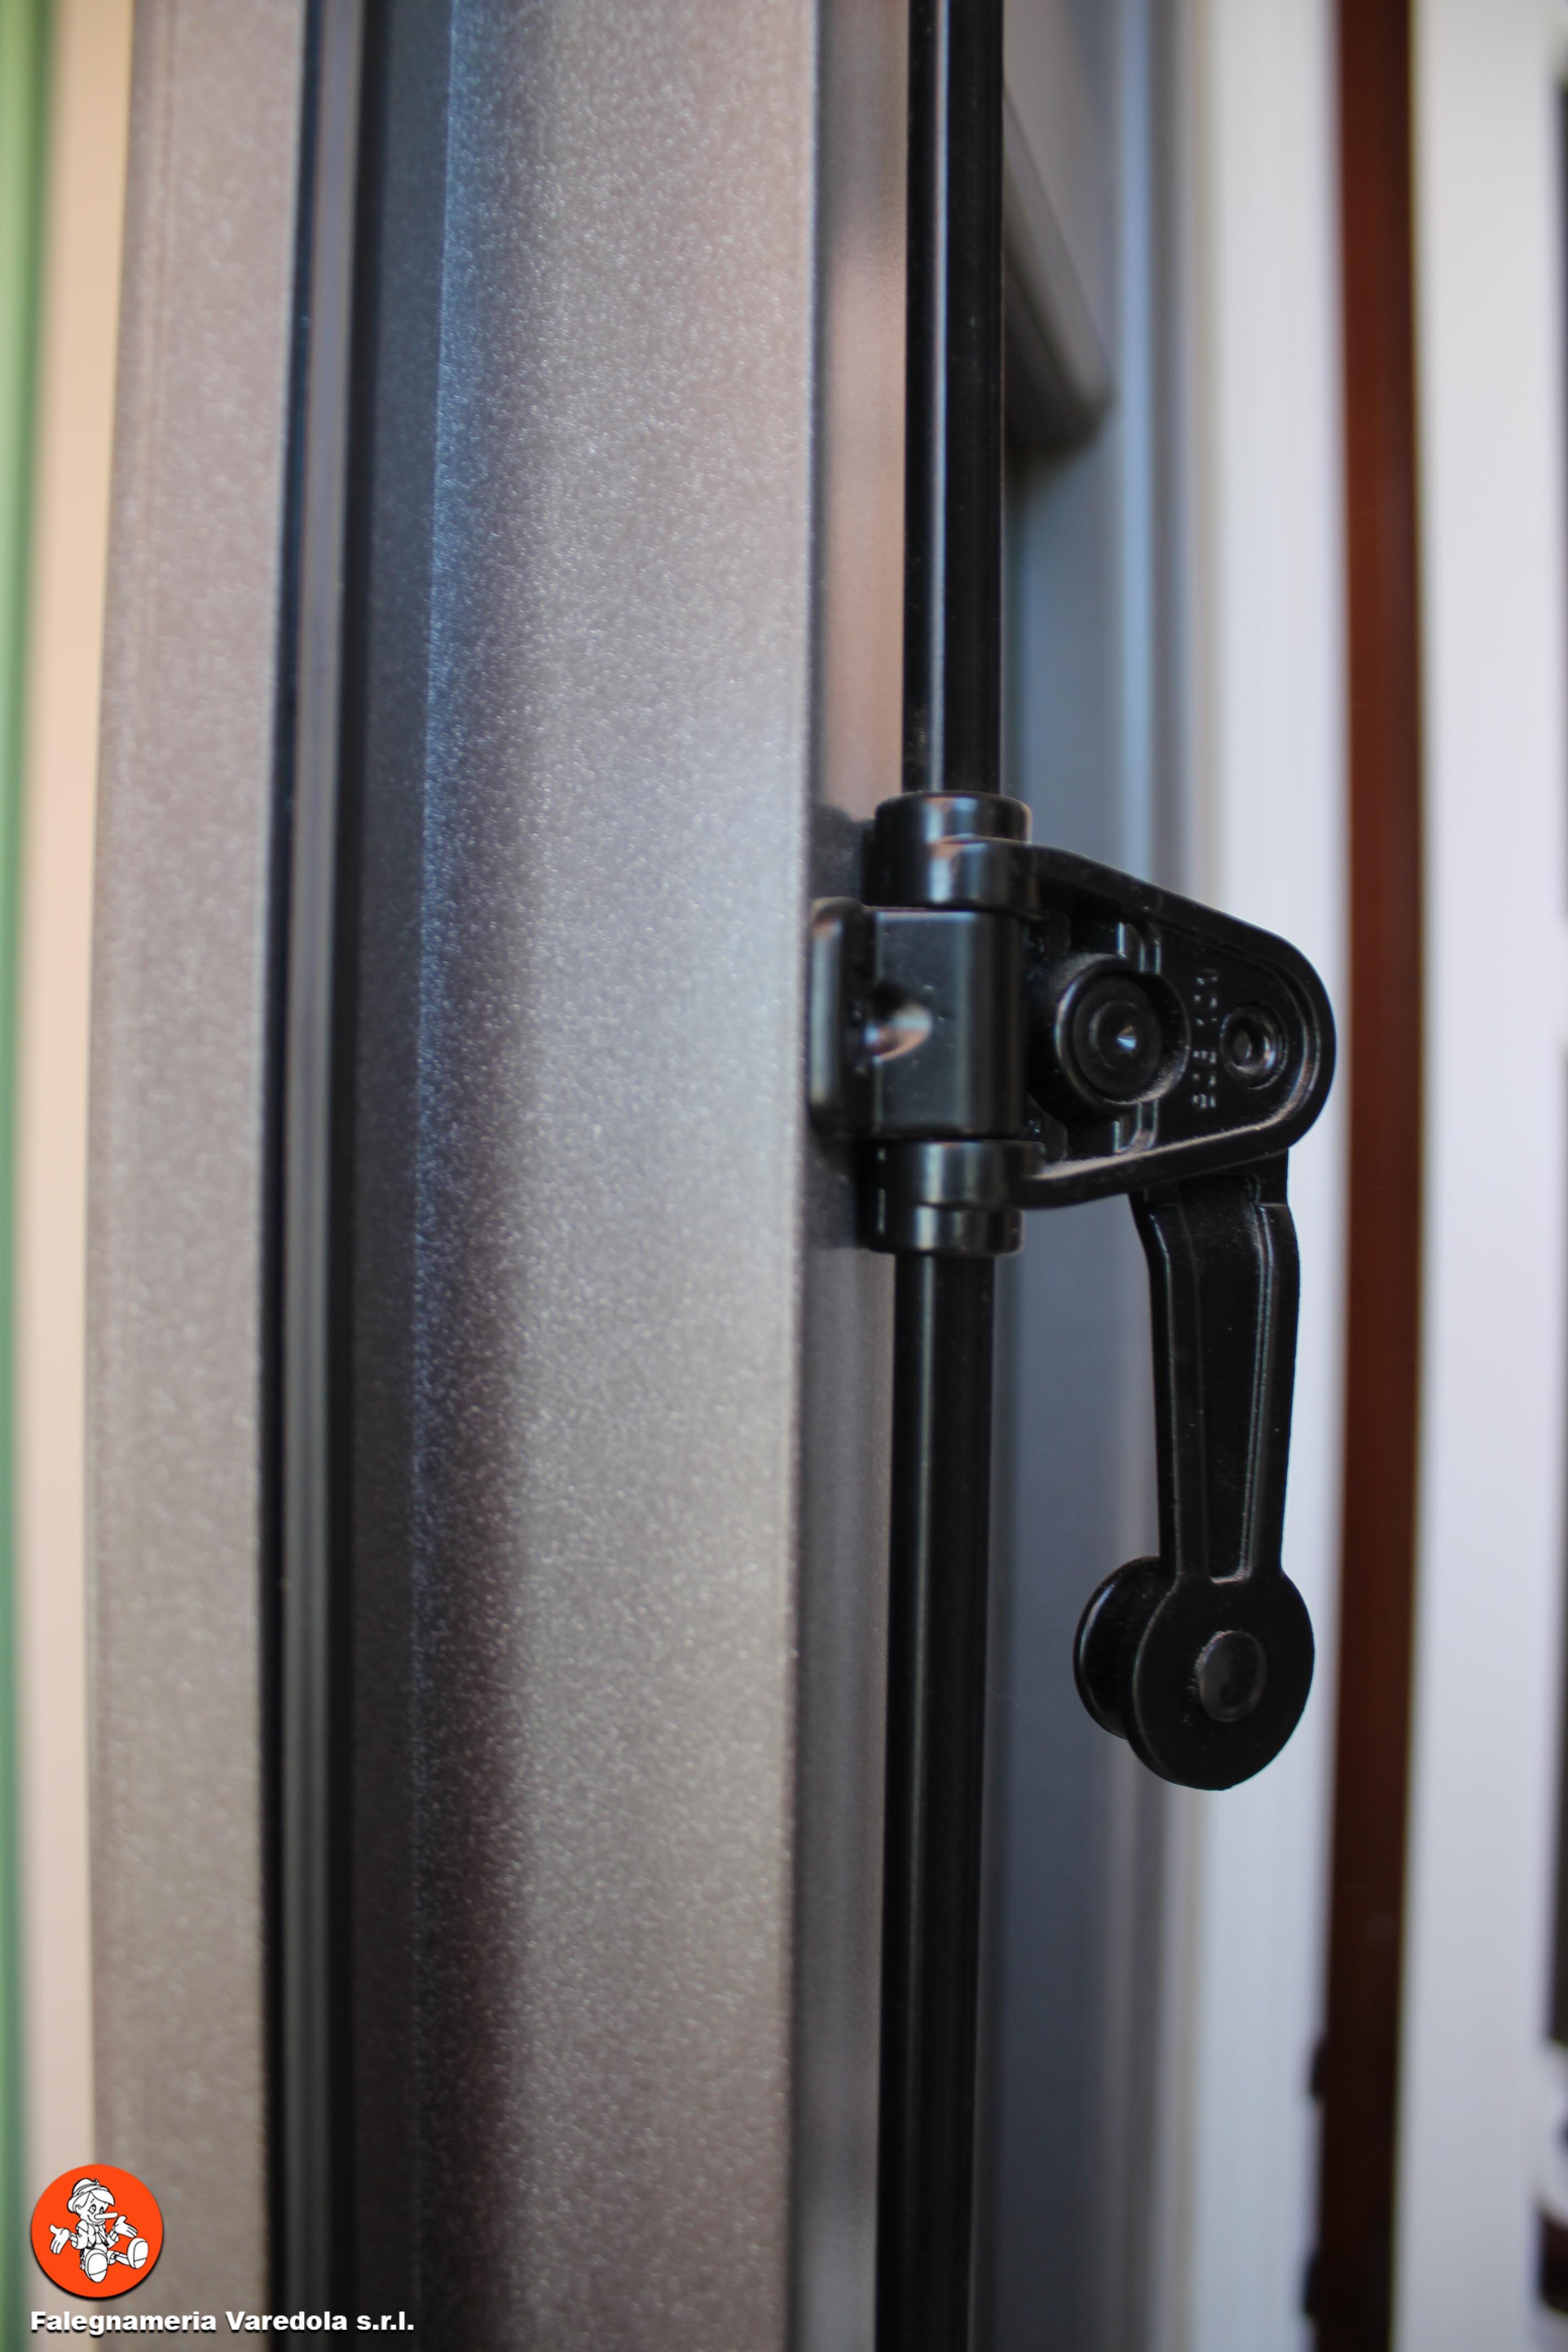 Falegnameria Varedola S.r.l.-53 dettaglio alluminio